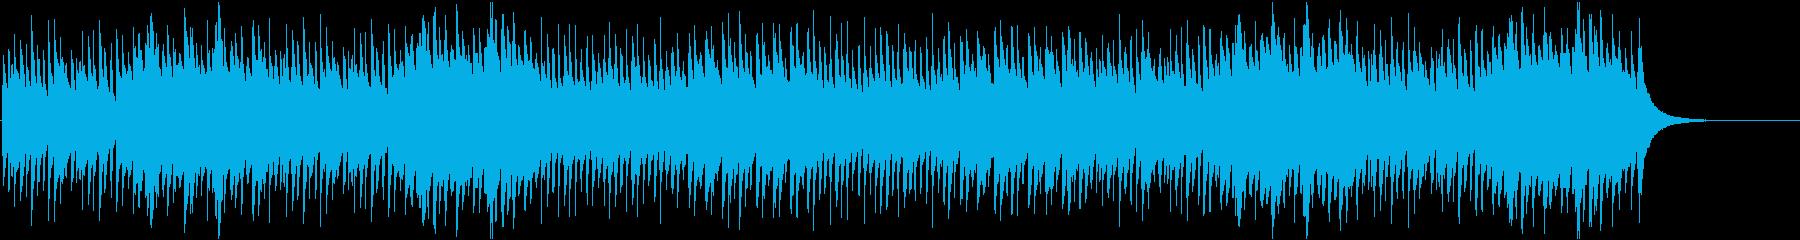 企業VP22 休日・笑顔 NewVerの再生済みの波形